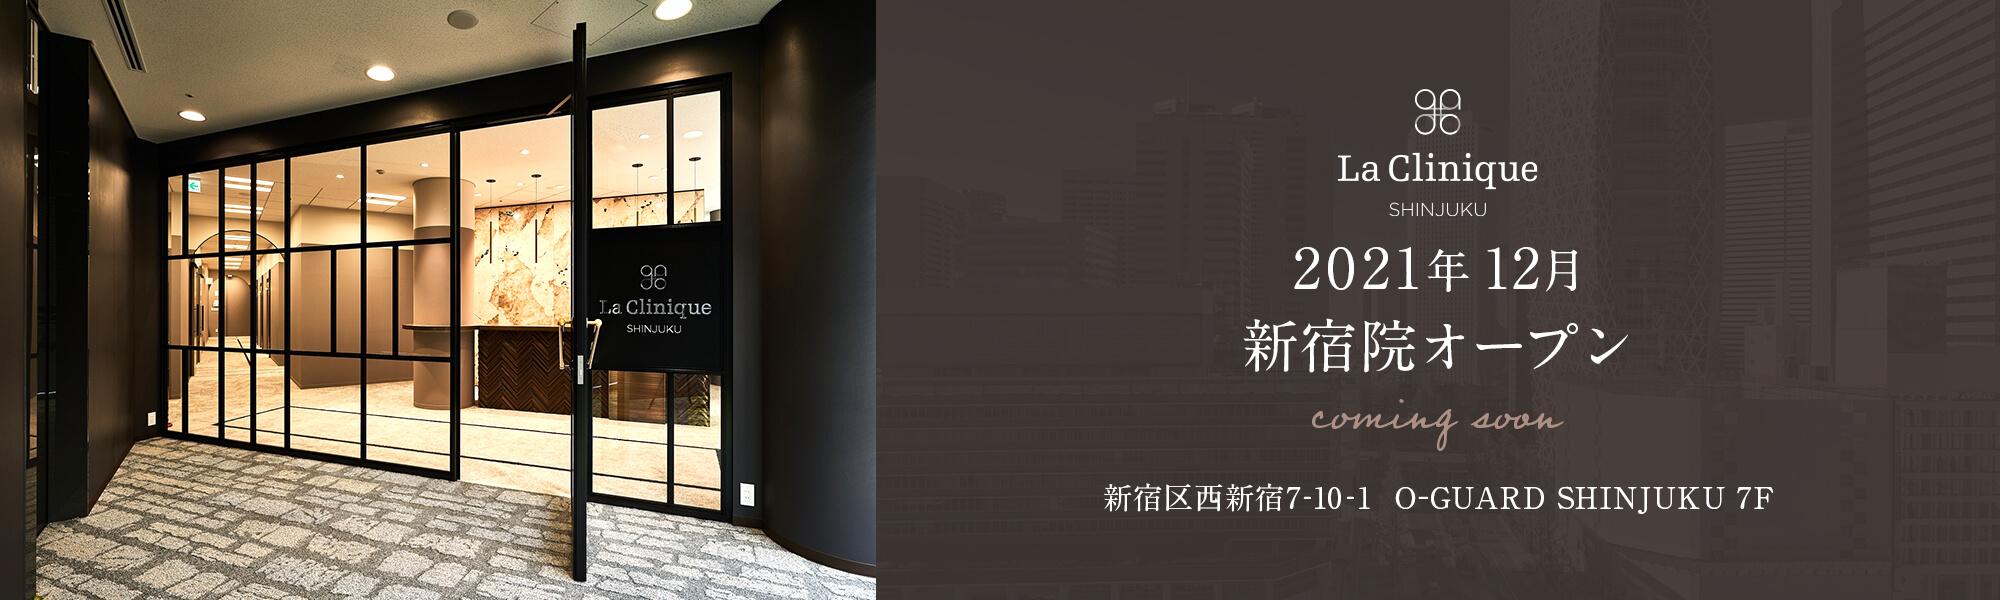 2021年12月新宿院オープン予定